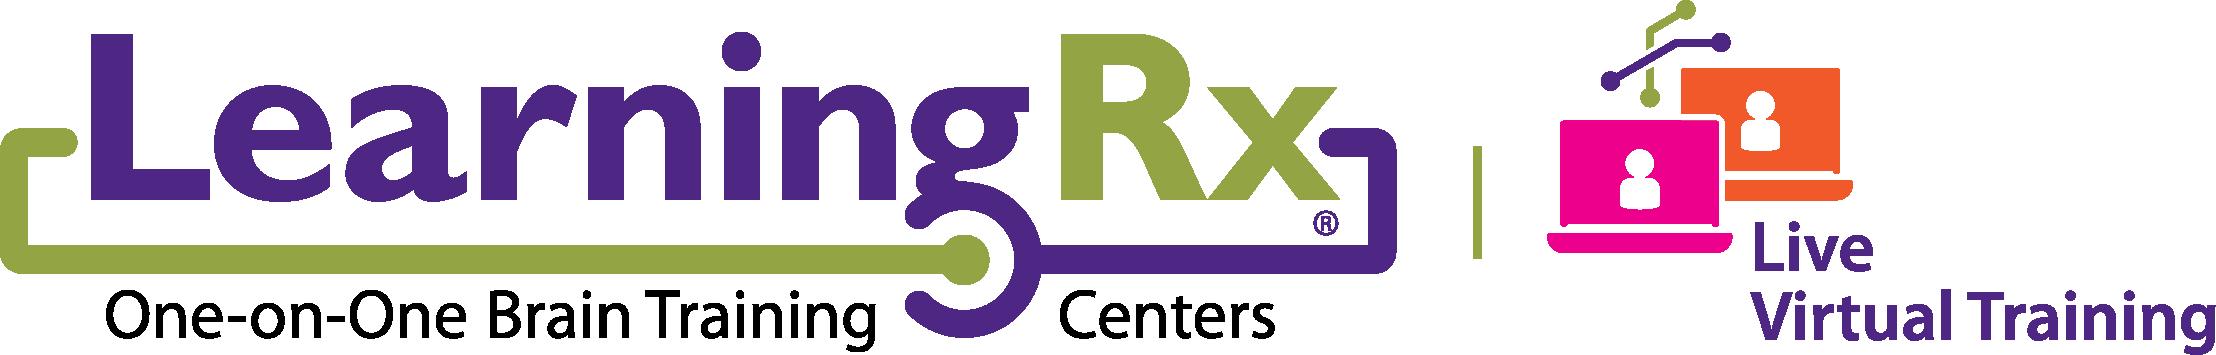 LearningRx Franchise | Education Franchise | Tutoring Franchise